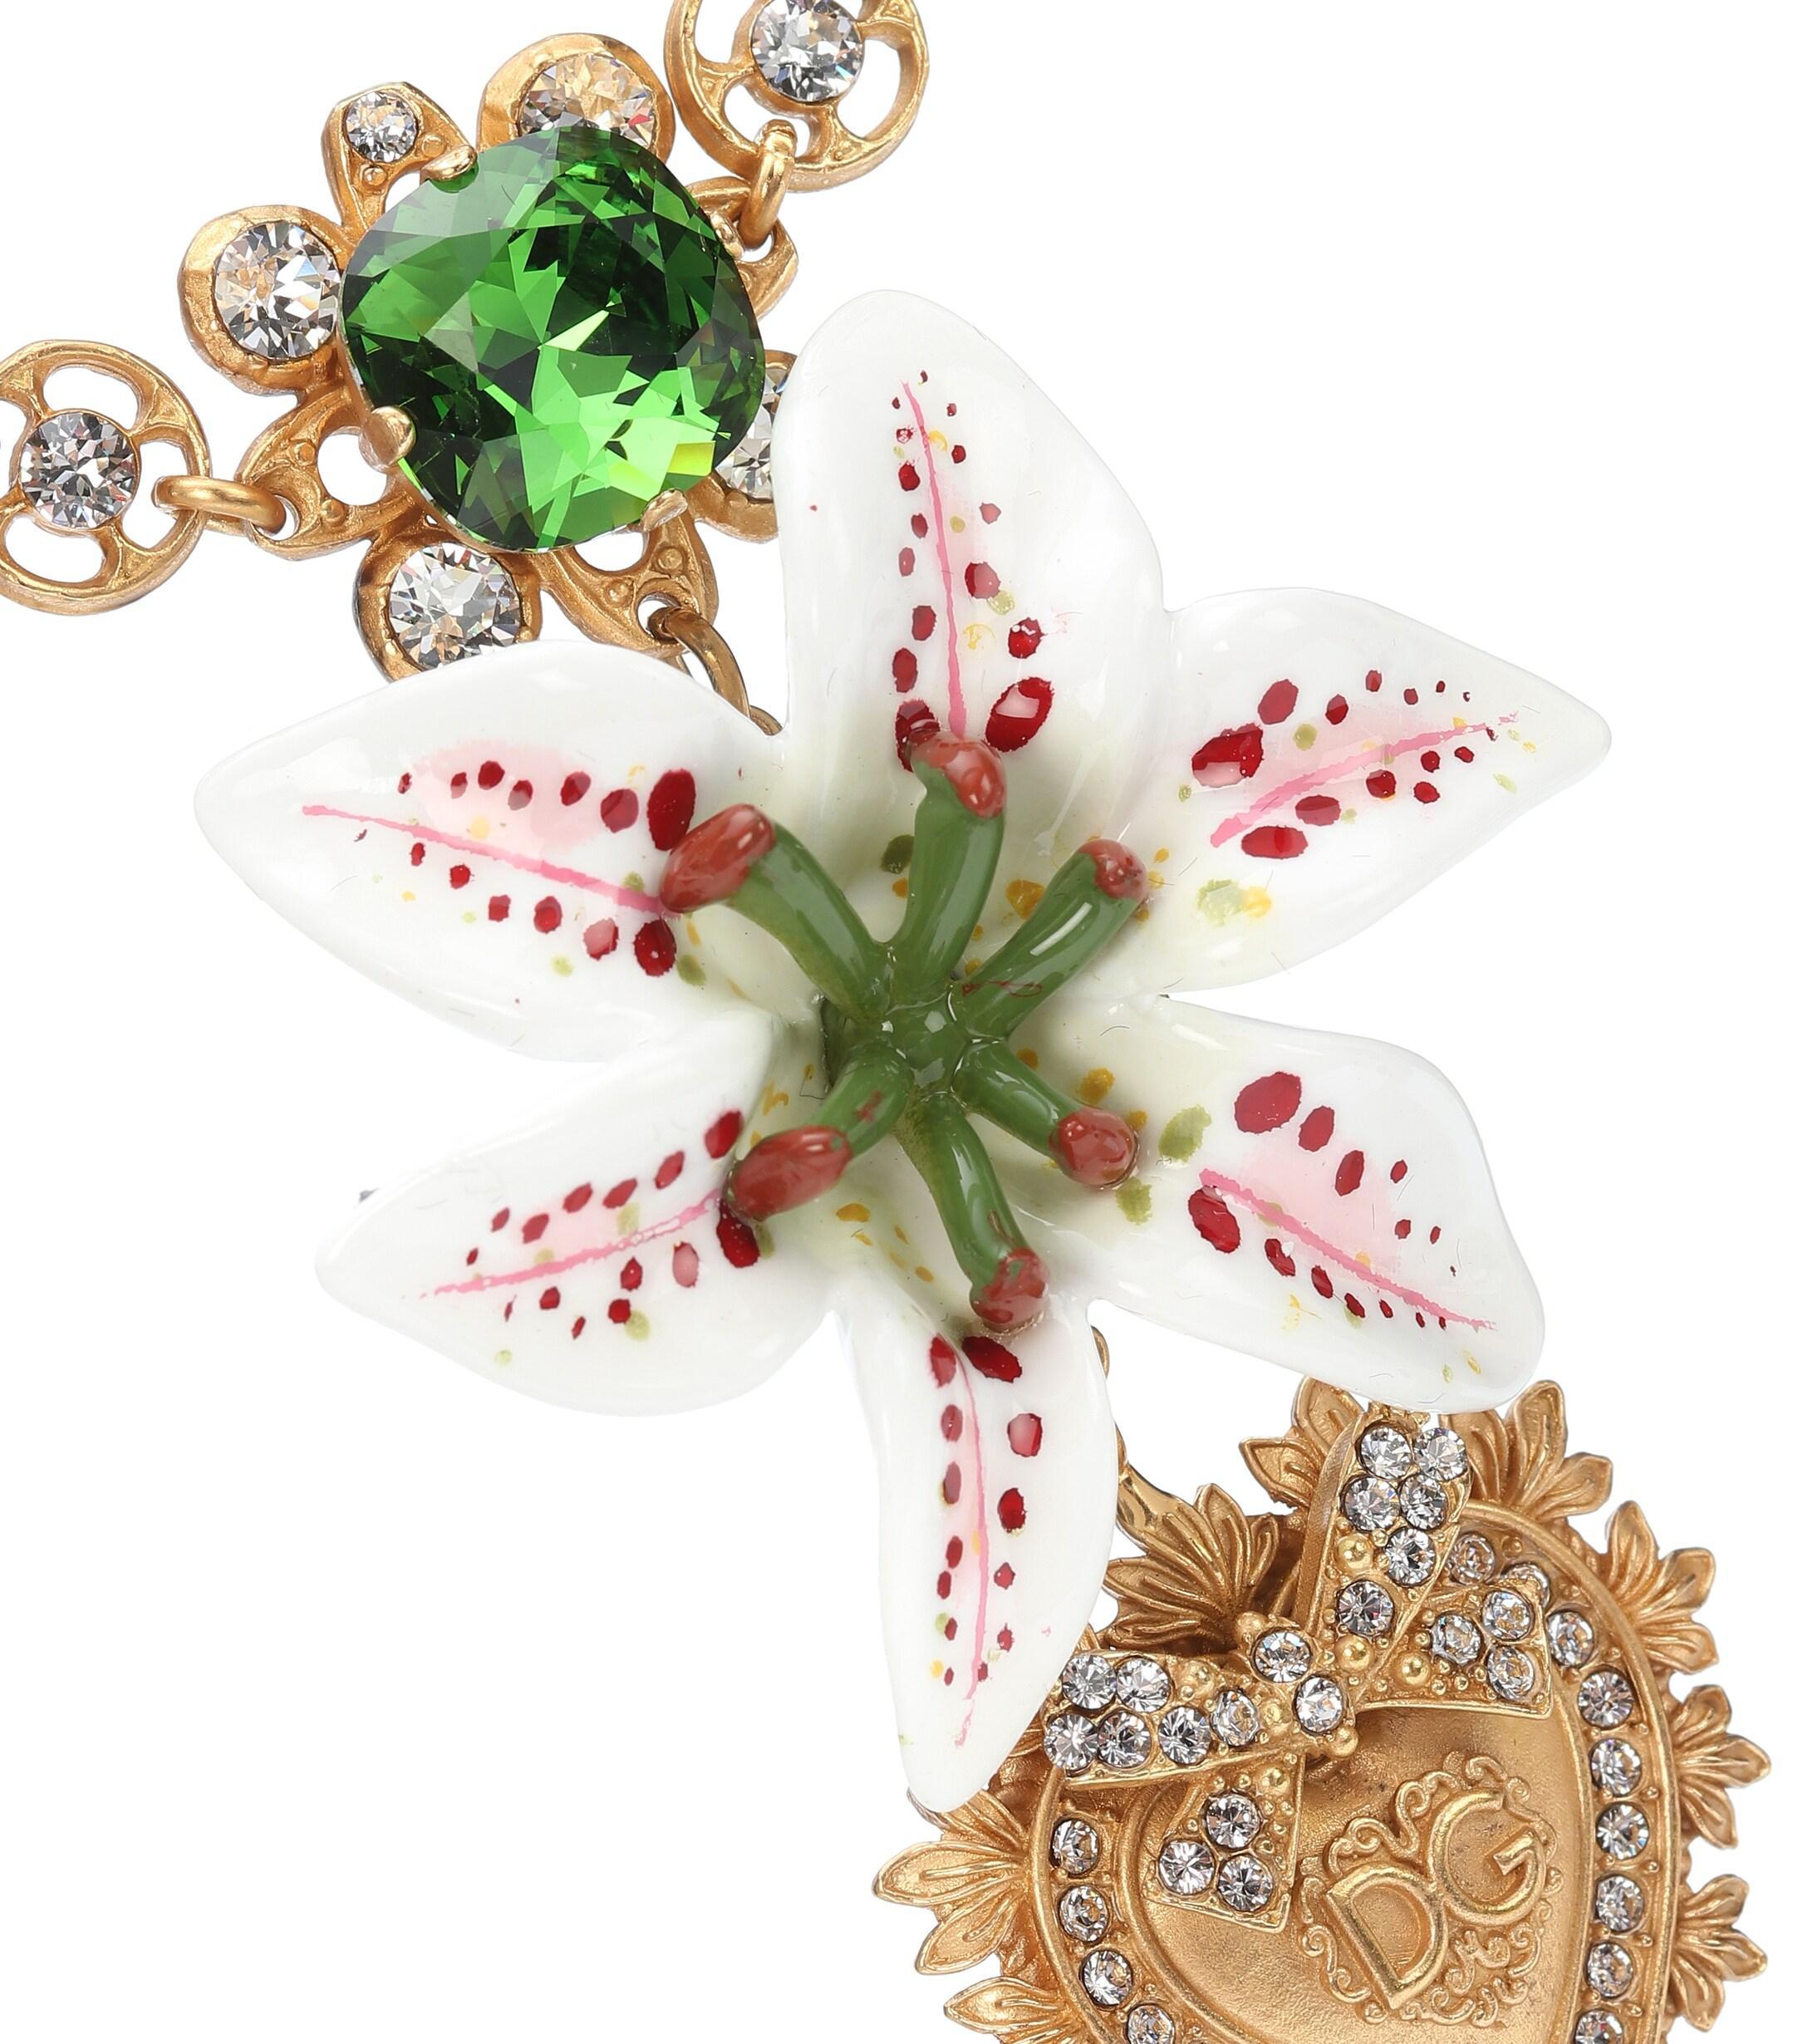 Collier à ornements Dolce & Gabbana en coloris Métallisé yA0r